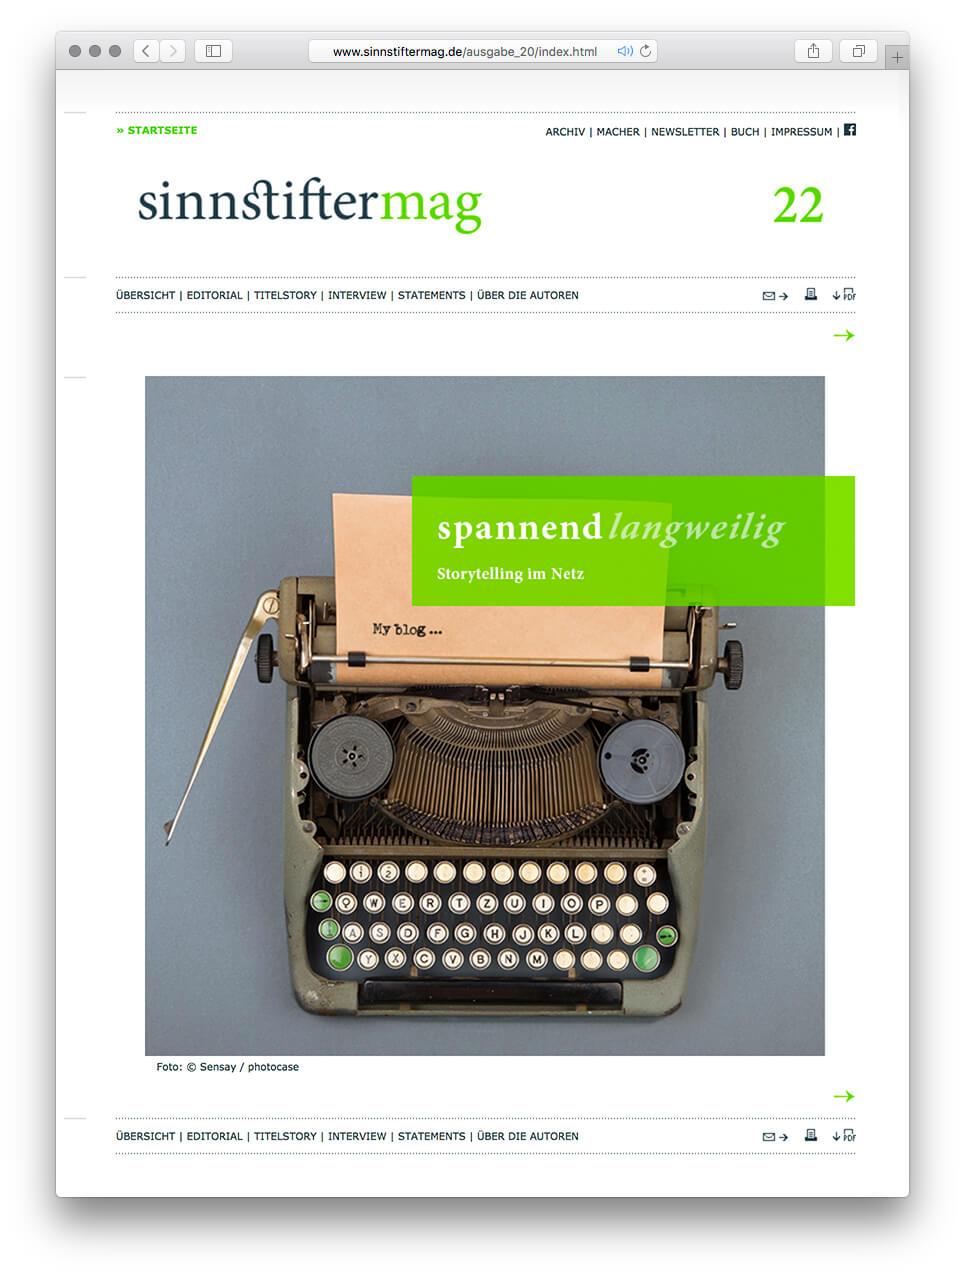 spannend/langweilig: Storytelling im Netz. Die zweiundzwanzigste Ausgabe von sinnstiftermag